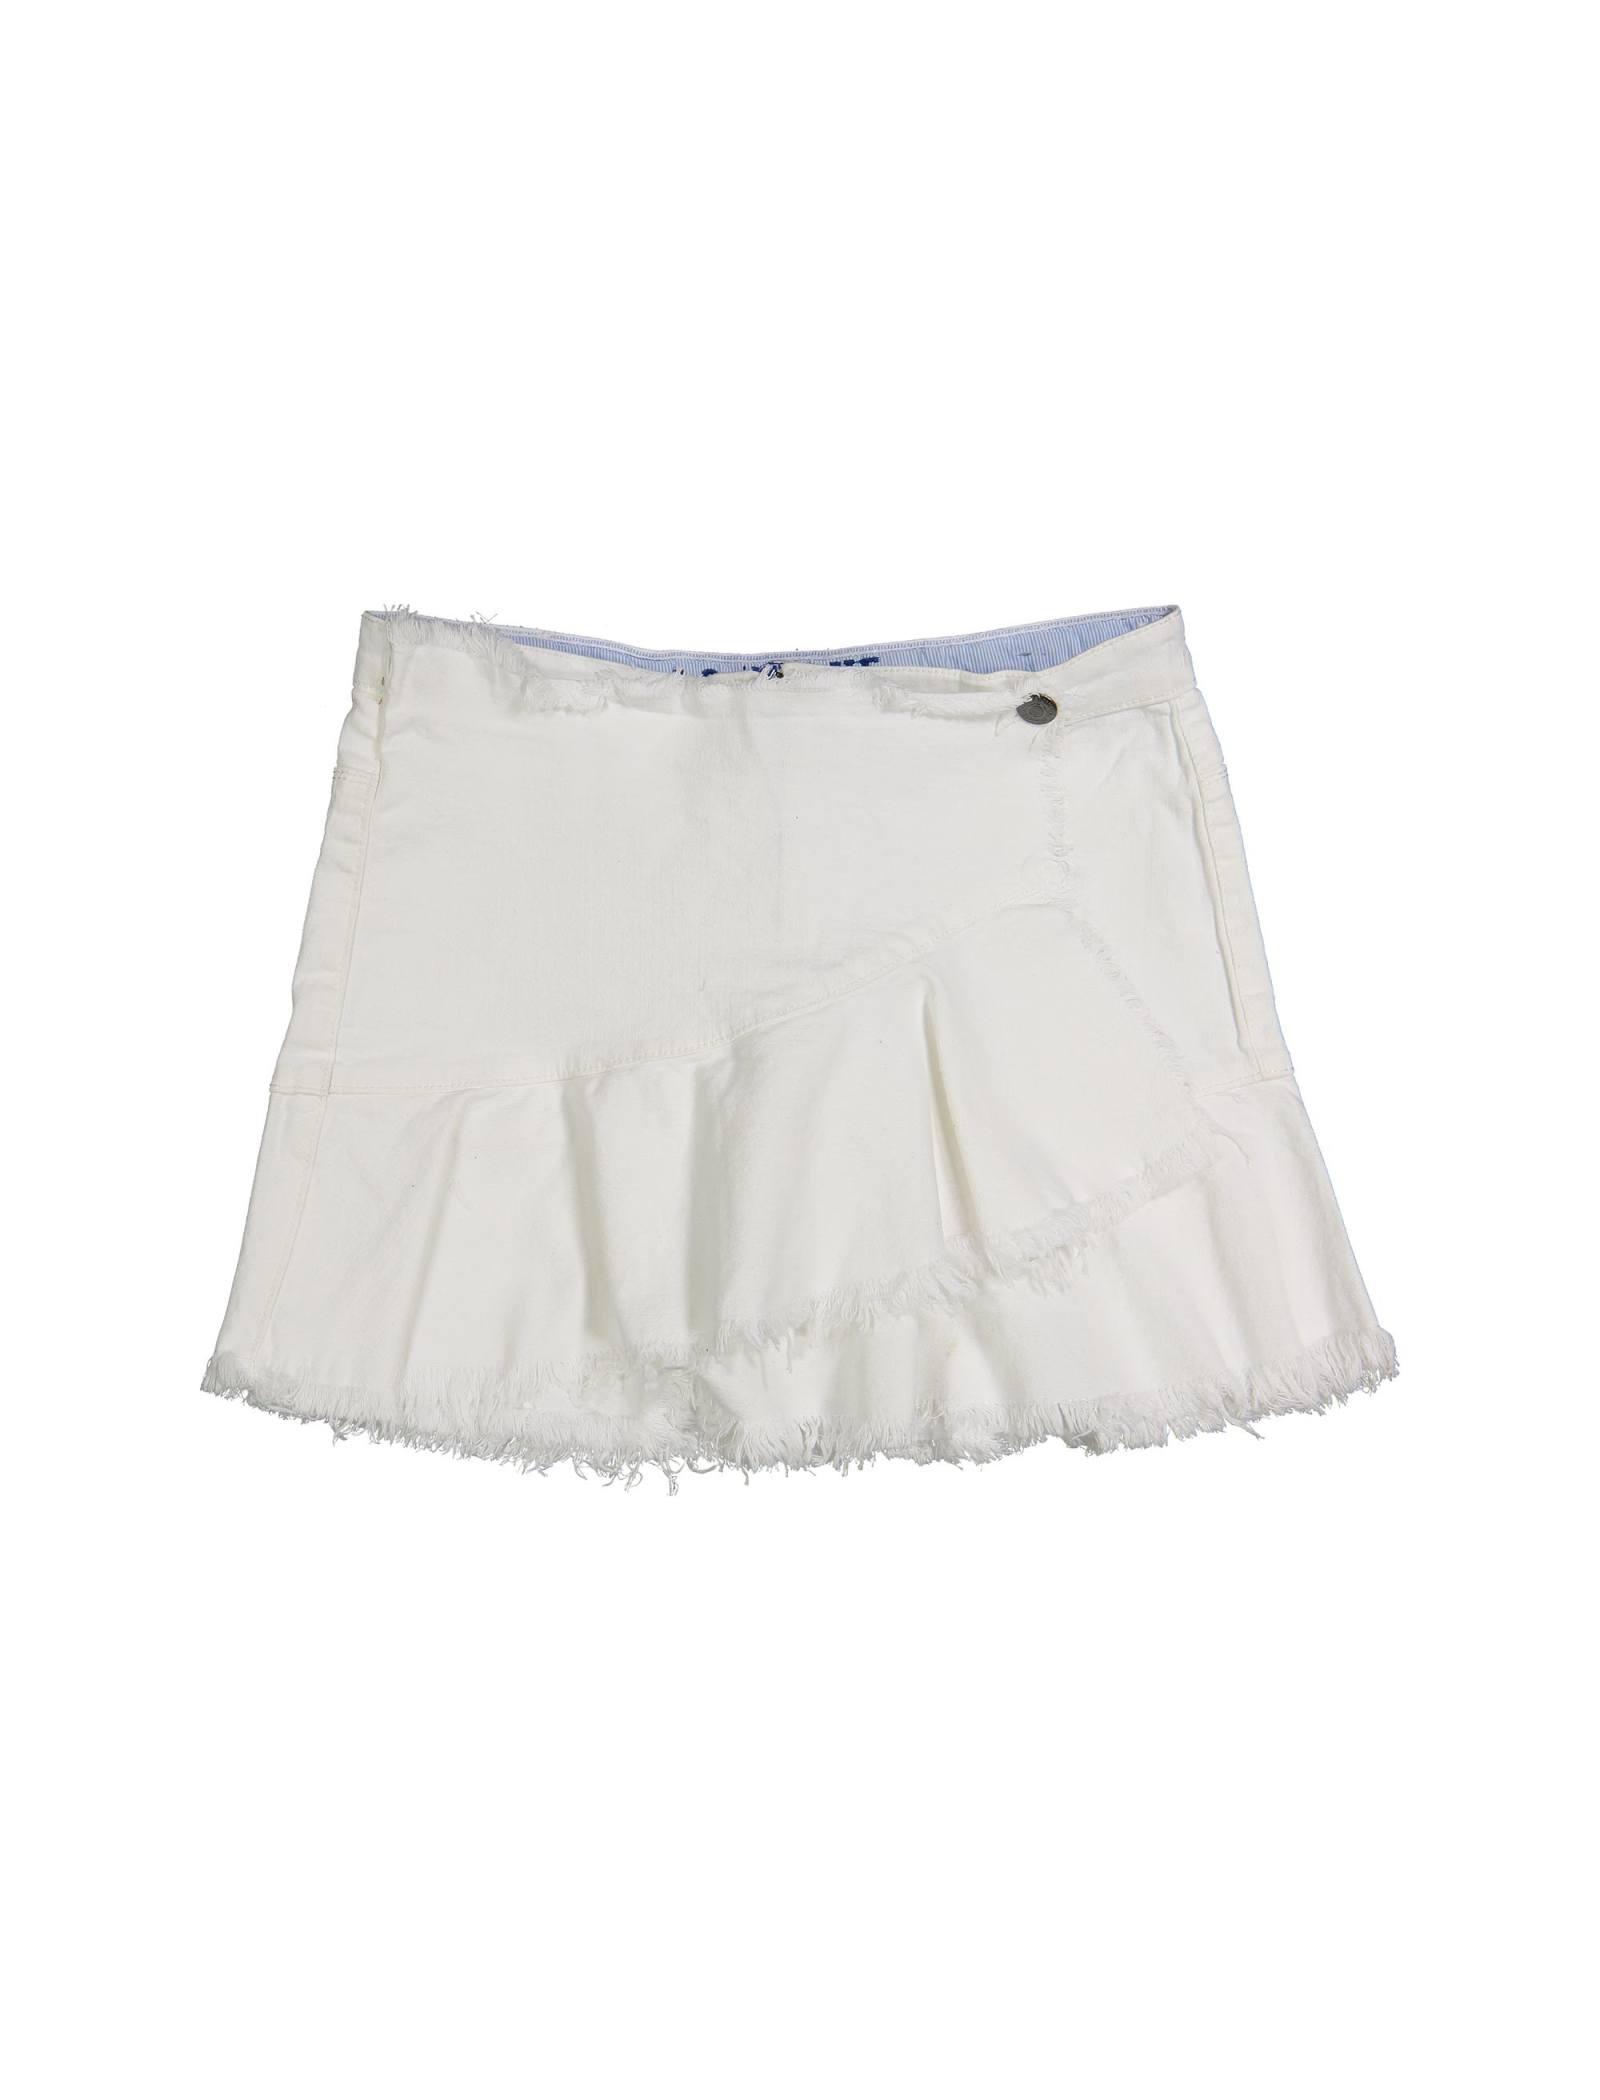 پیراهن نخی دخترانه - بلوکیدز - سفيد - 1